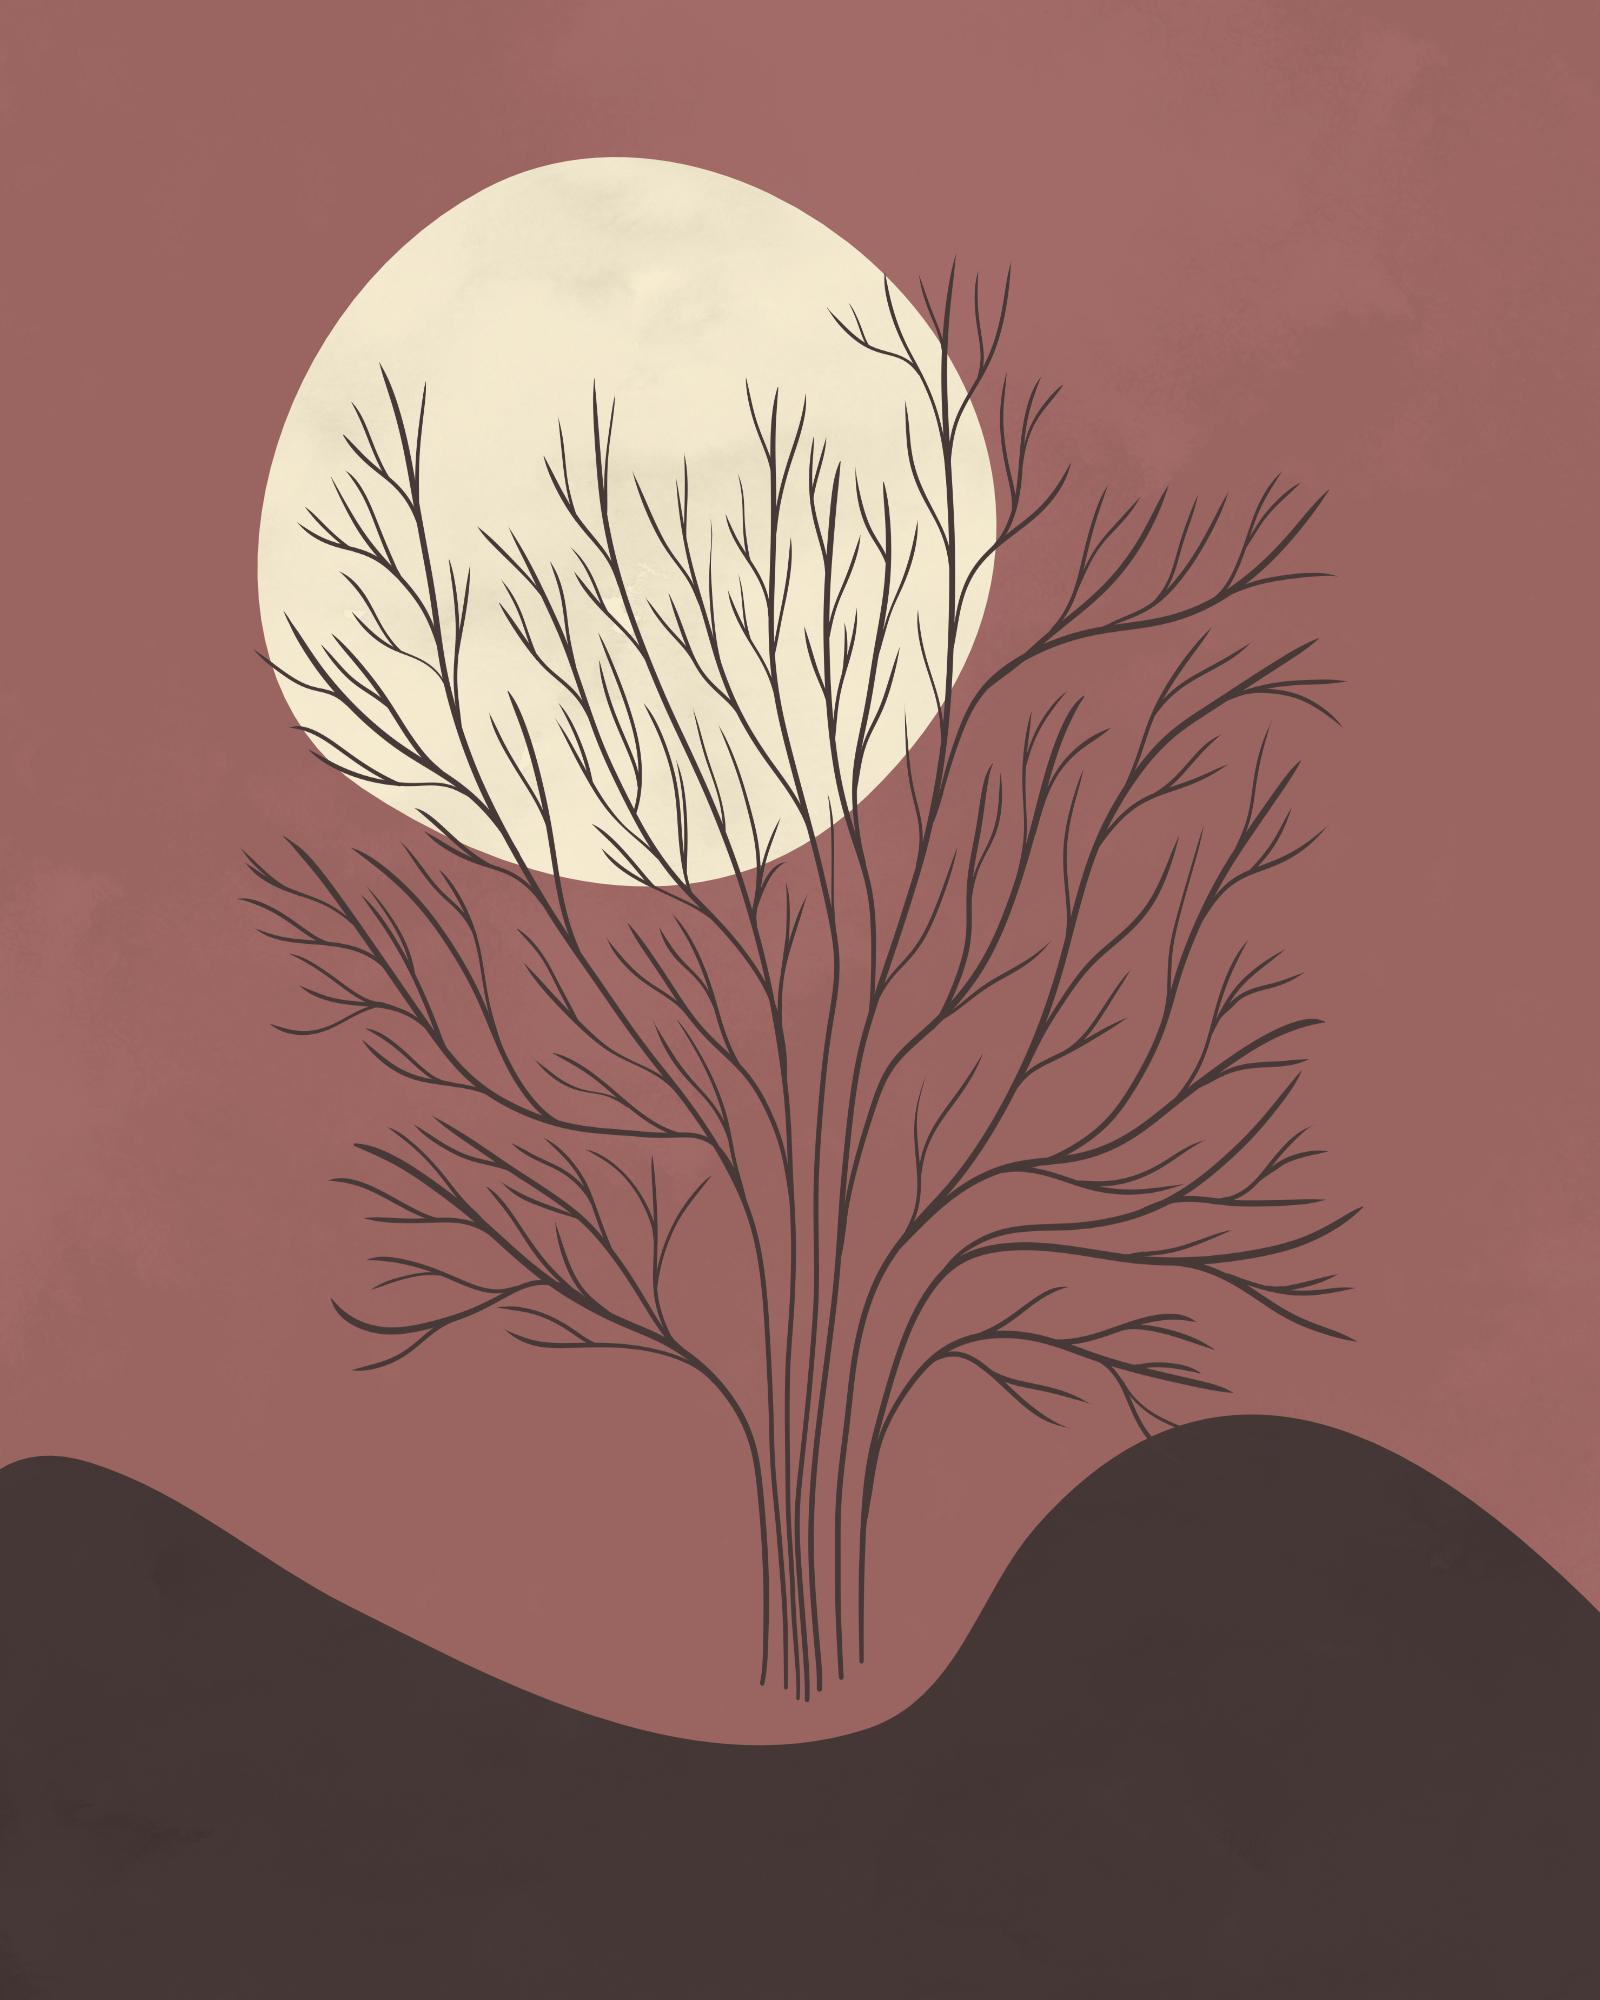 Minimaist landscape in dark autumn colors 8Minimalistisch landschap met een boom, een berg en een zon in herfstkleuren. Digitaal mixed media: Aquarelverf en inkt ArtRage, Affinity Design